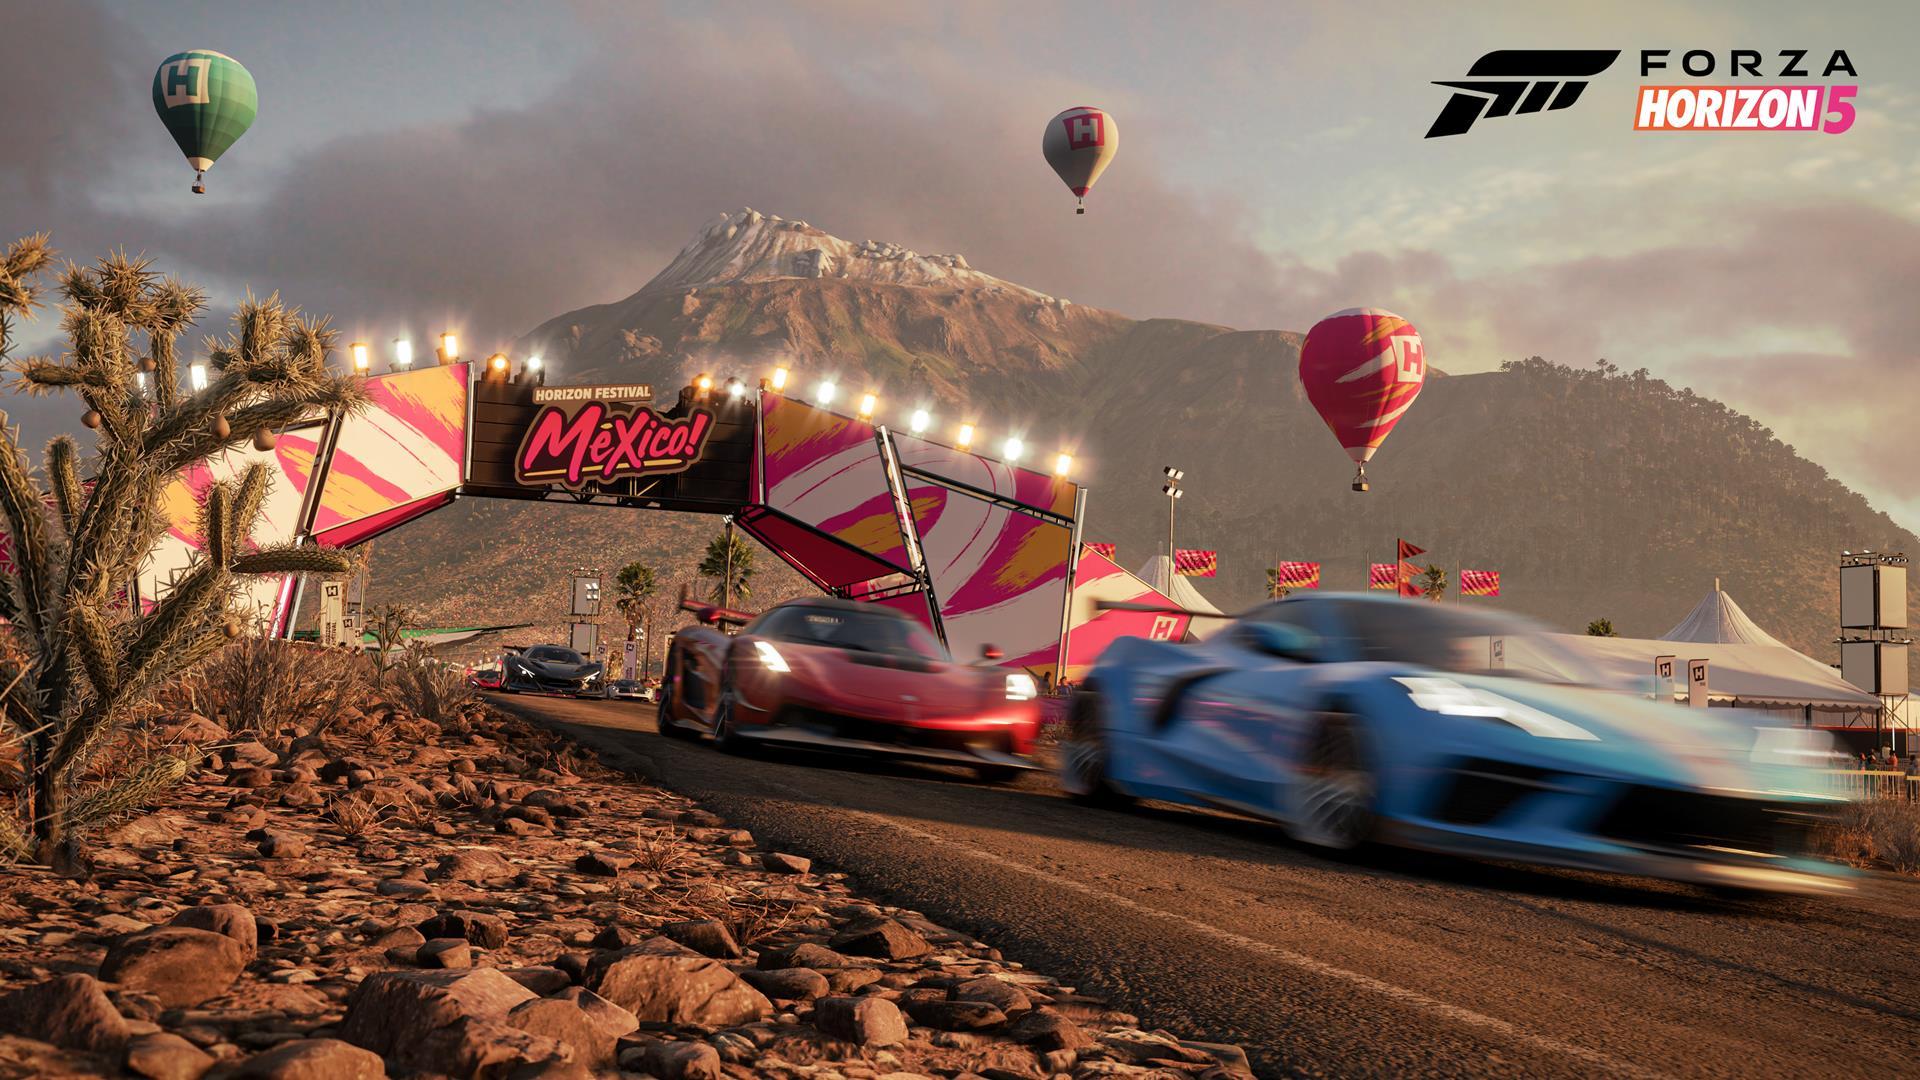 Forza Horizon 5 has 60fps performance modes on Xbox Series X/S - VG247